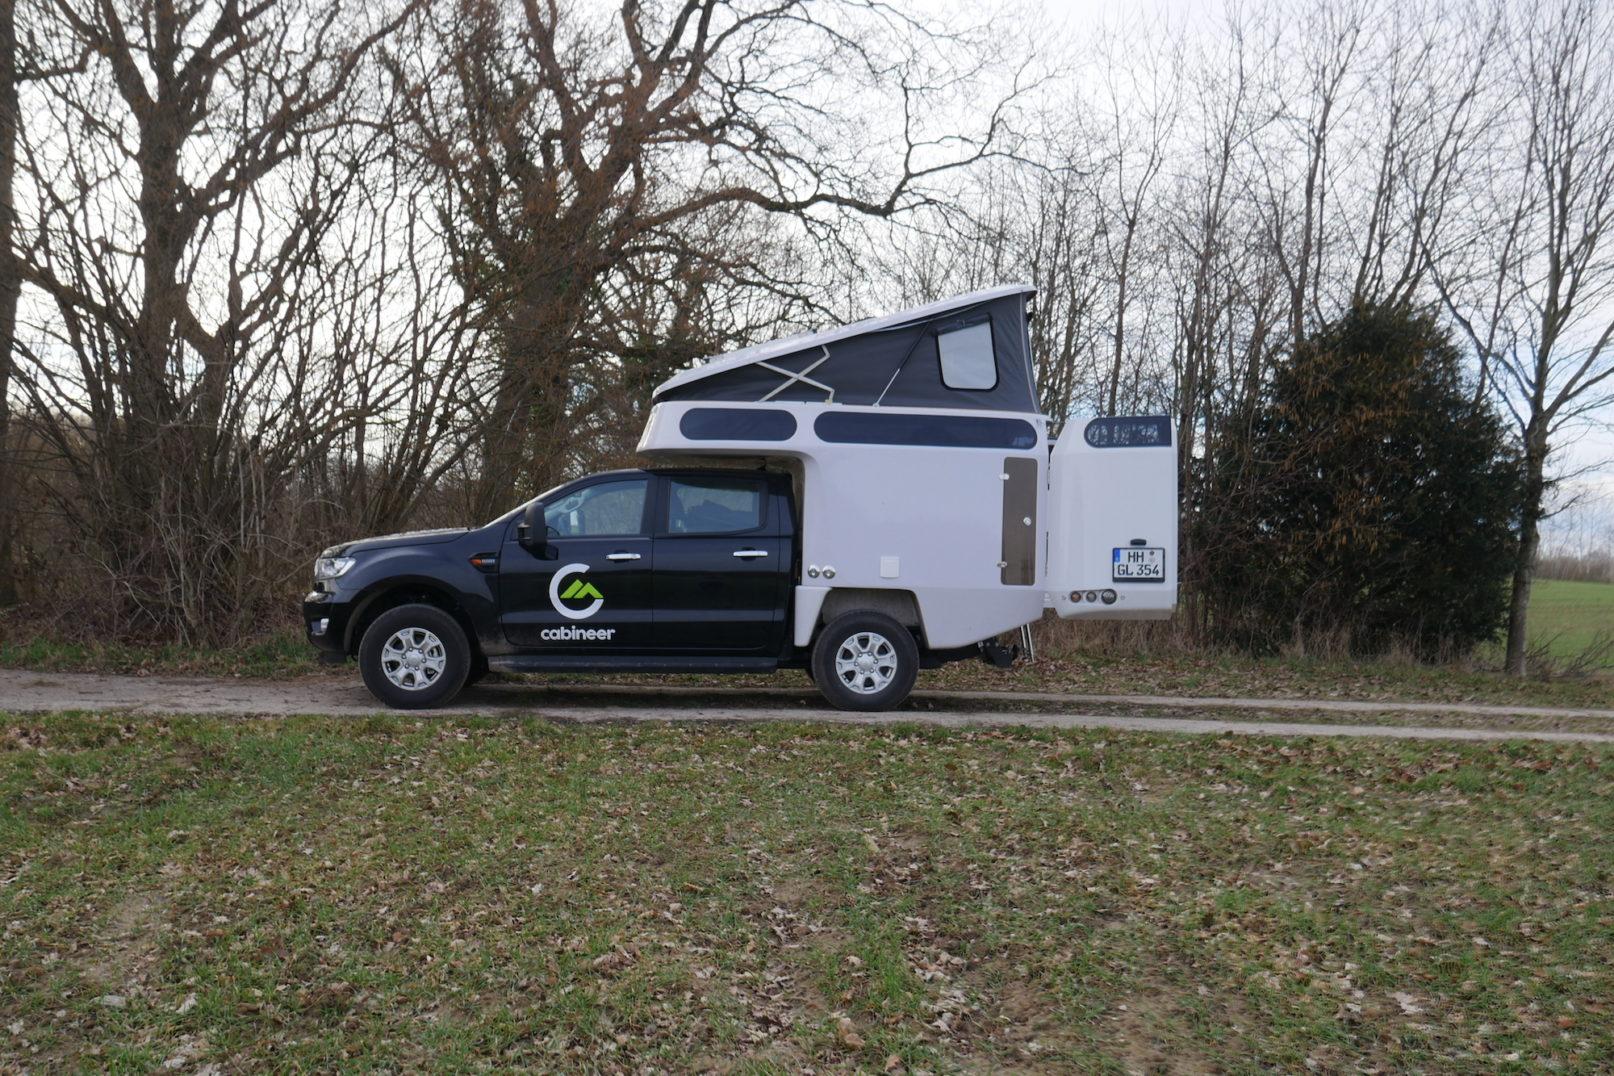 Cabineer nachhaltige Pick-up-Kabine aus Deutschland